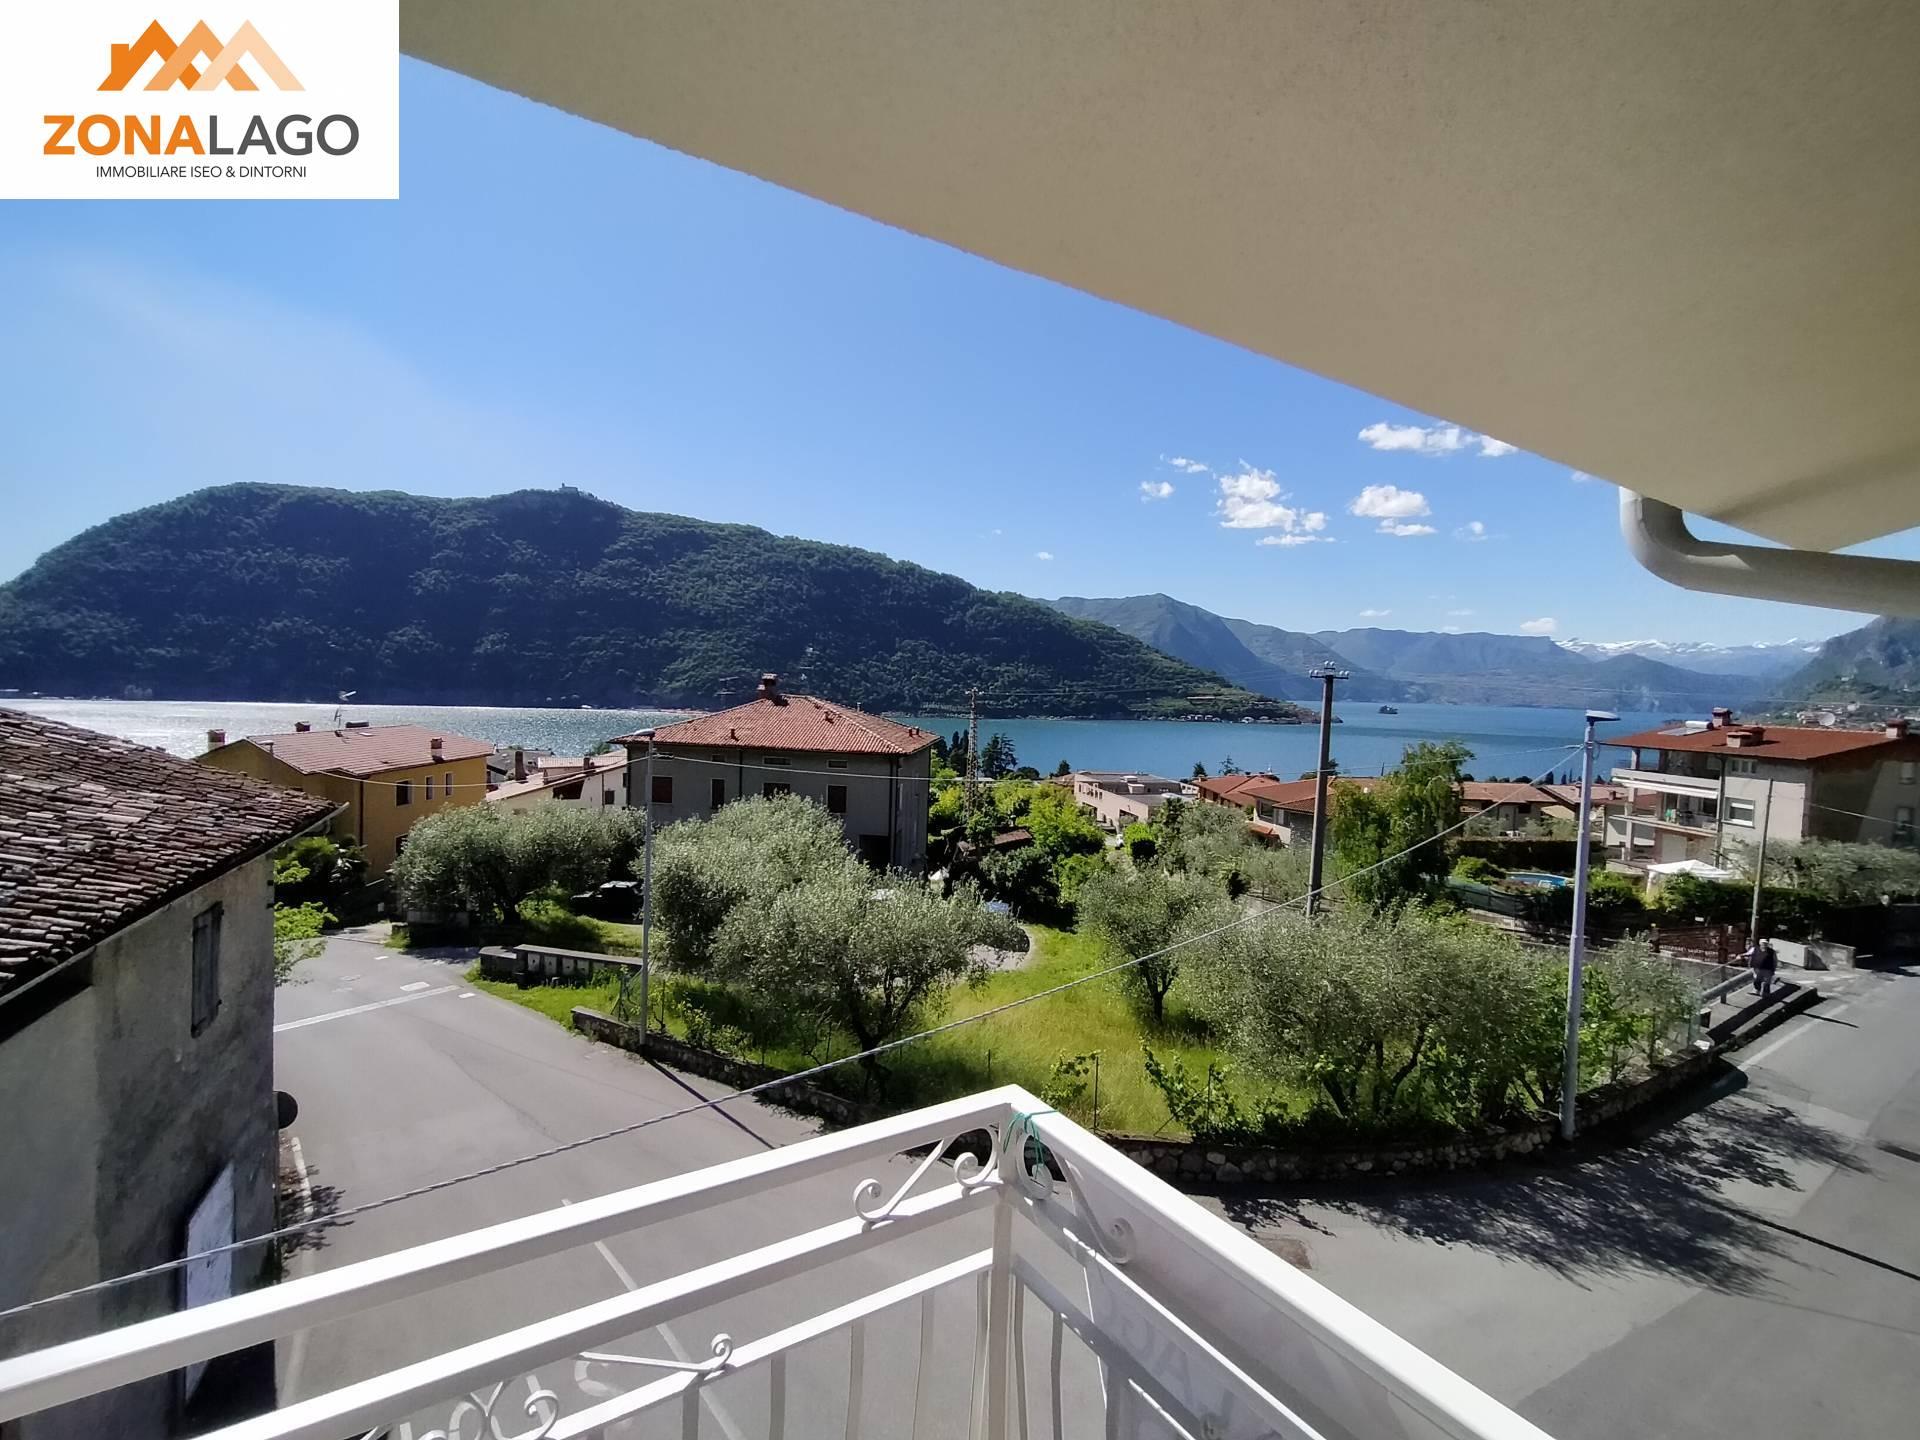 Appartamento in vendita a Sale Marasino, 5 locali, prezzo € 265.000 | PortaleAgenzieImmobiliari.it